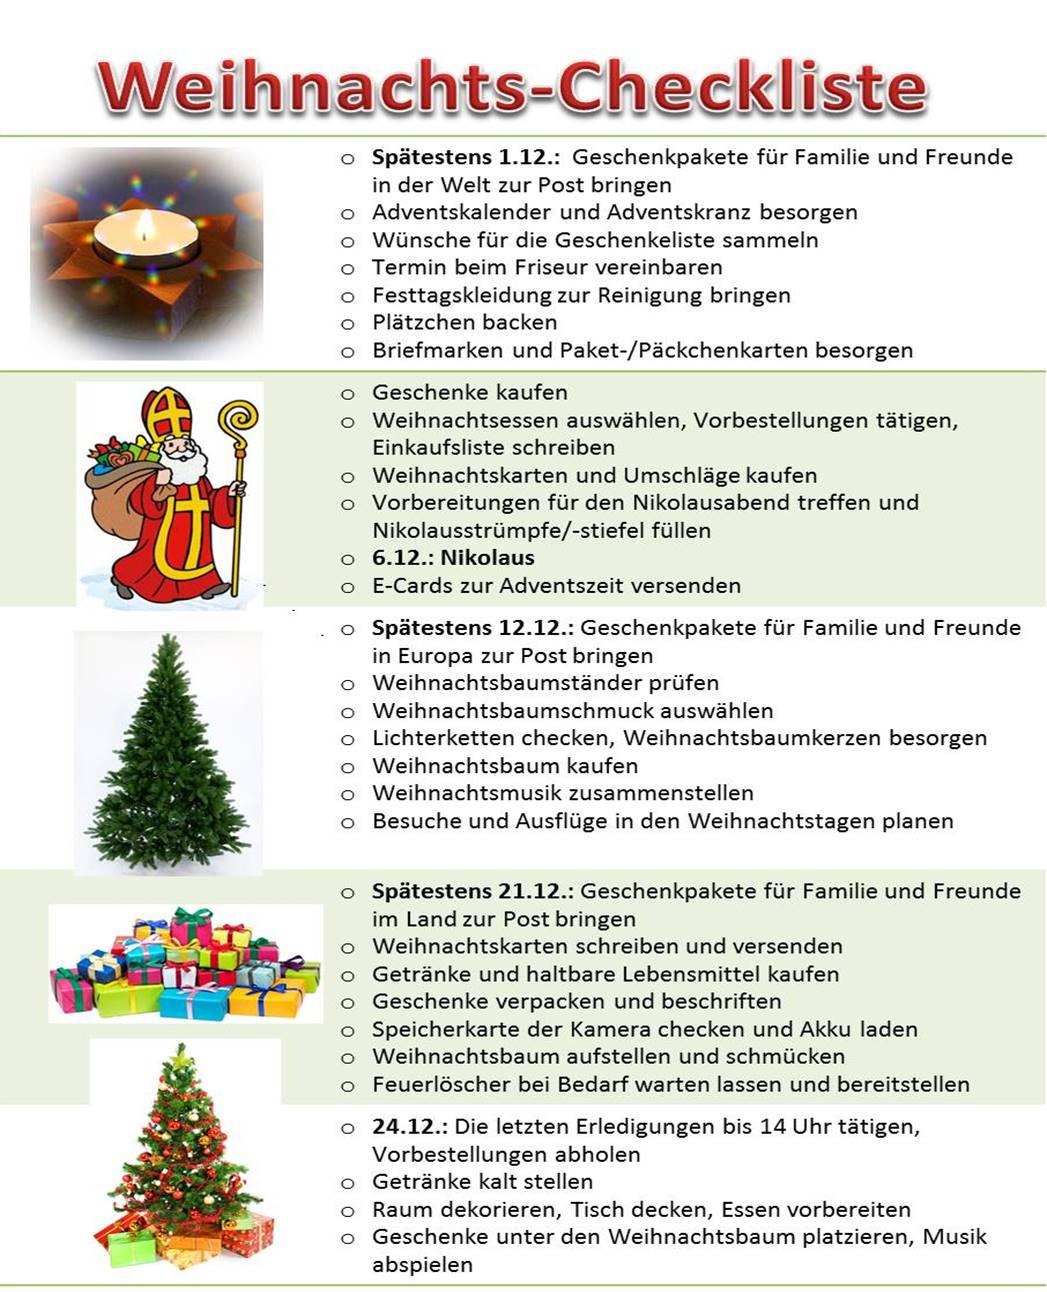 Weihnachtscheckliste_woba